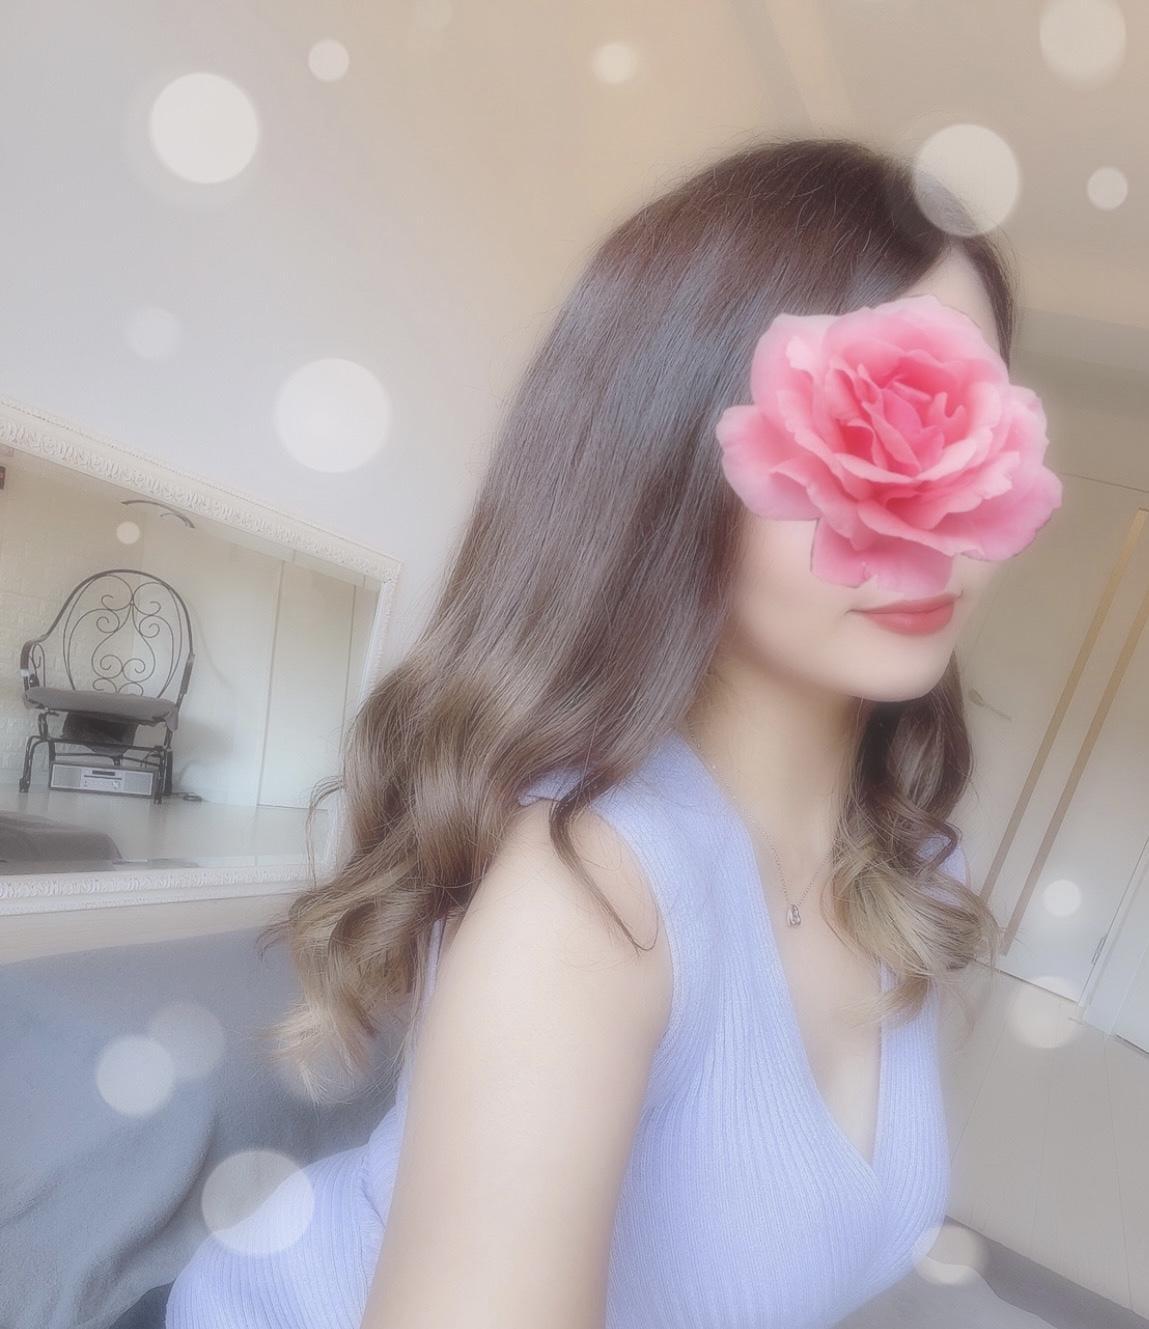 「こんにちわ」10/14(木) 13:46   美桜-mio-の写メ日記